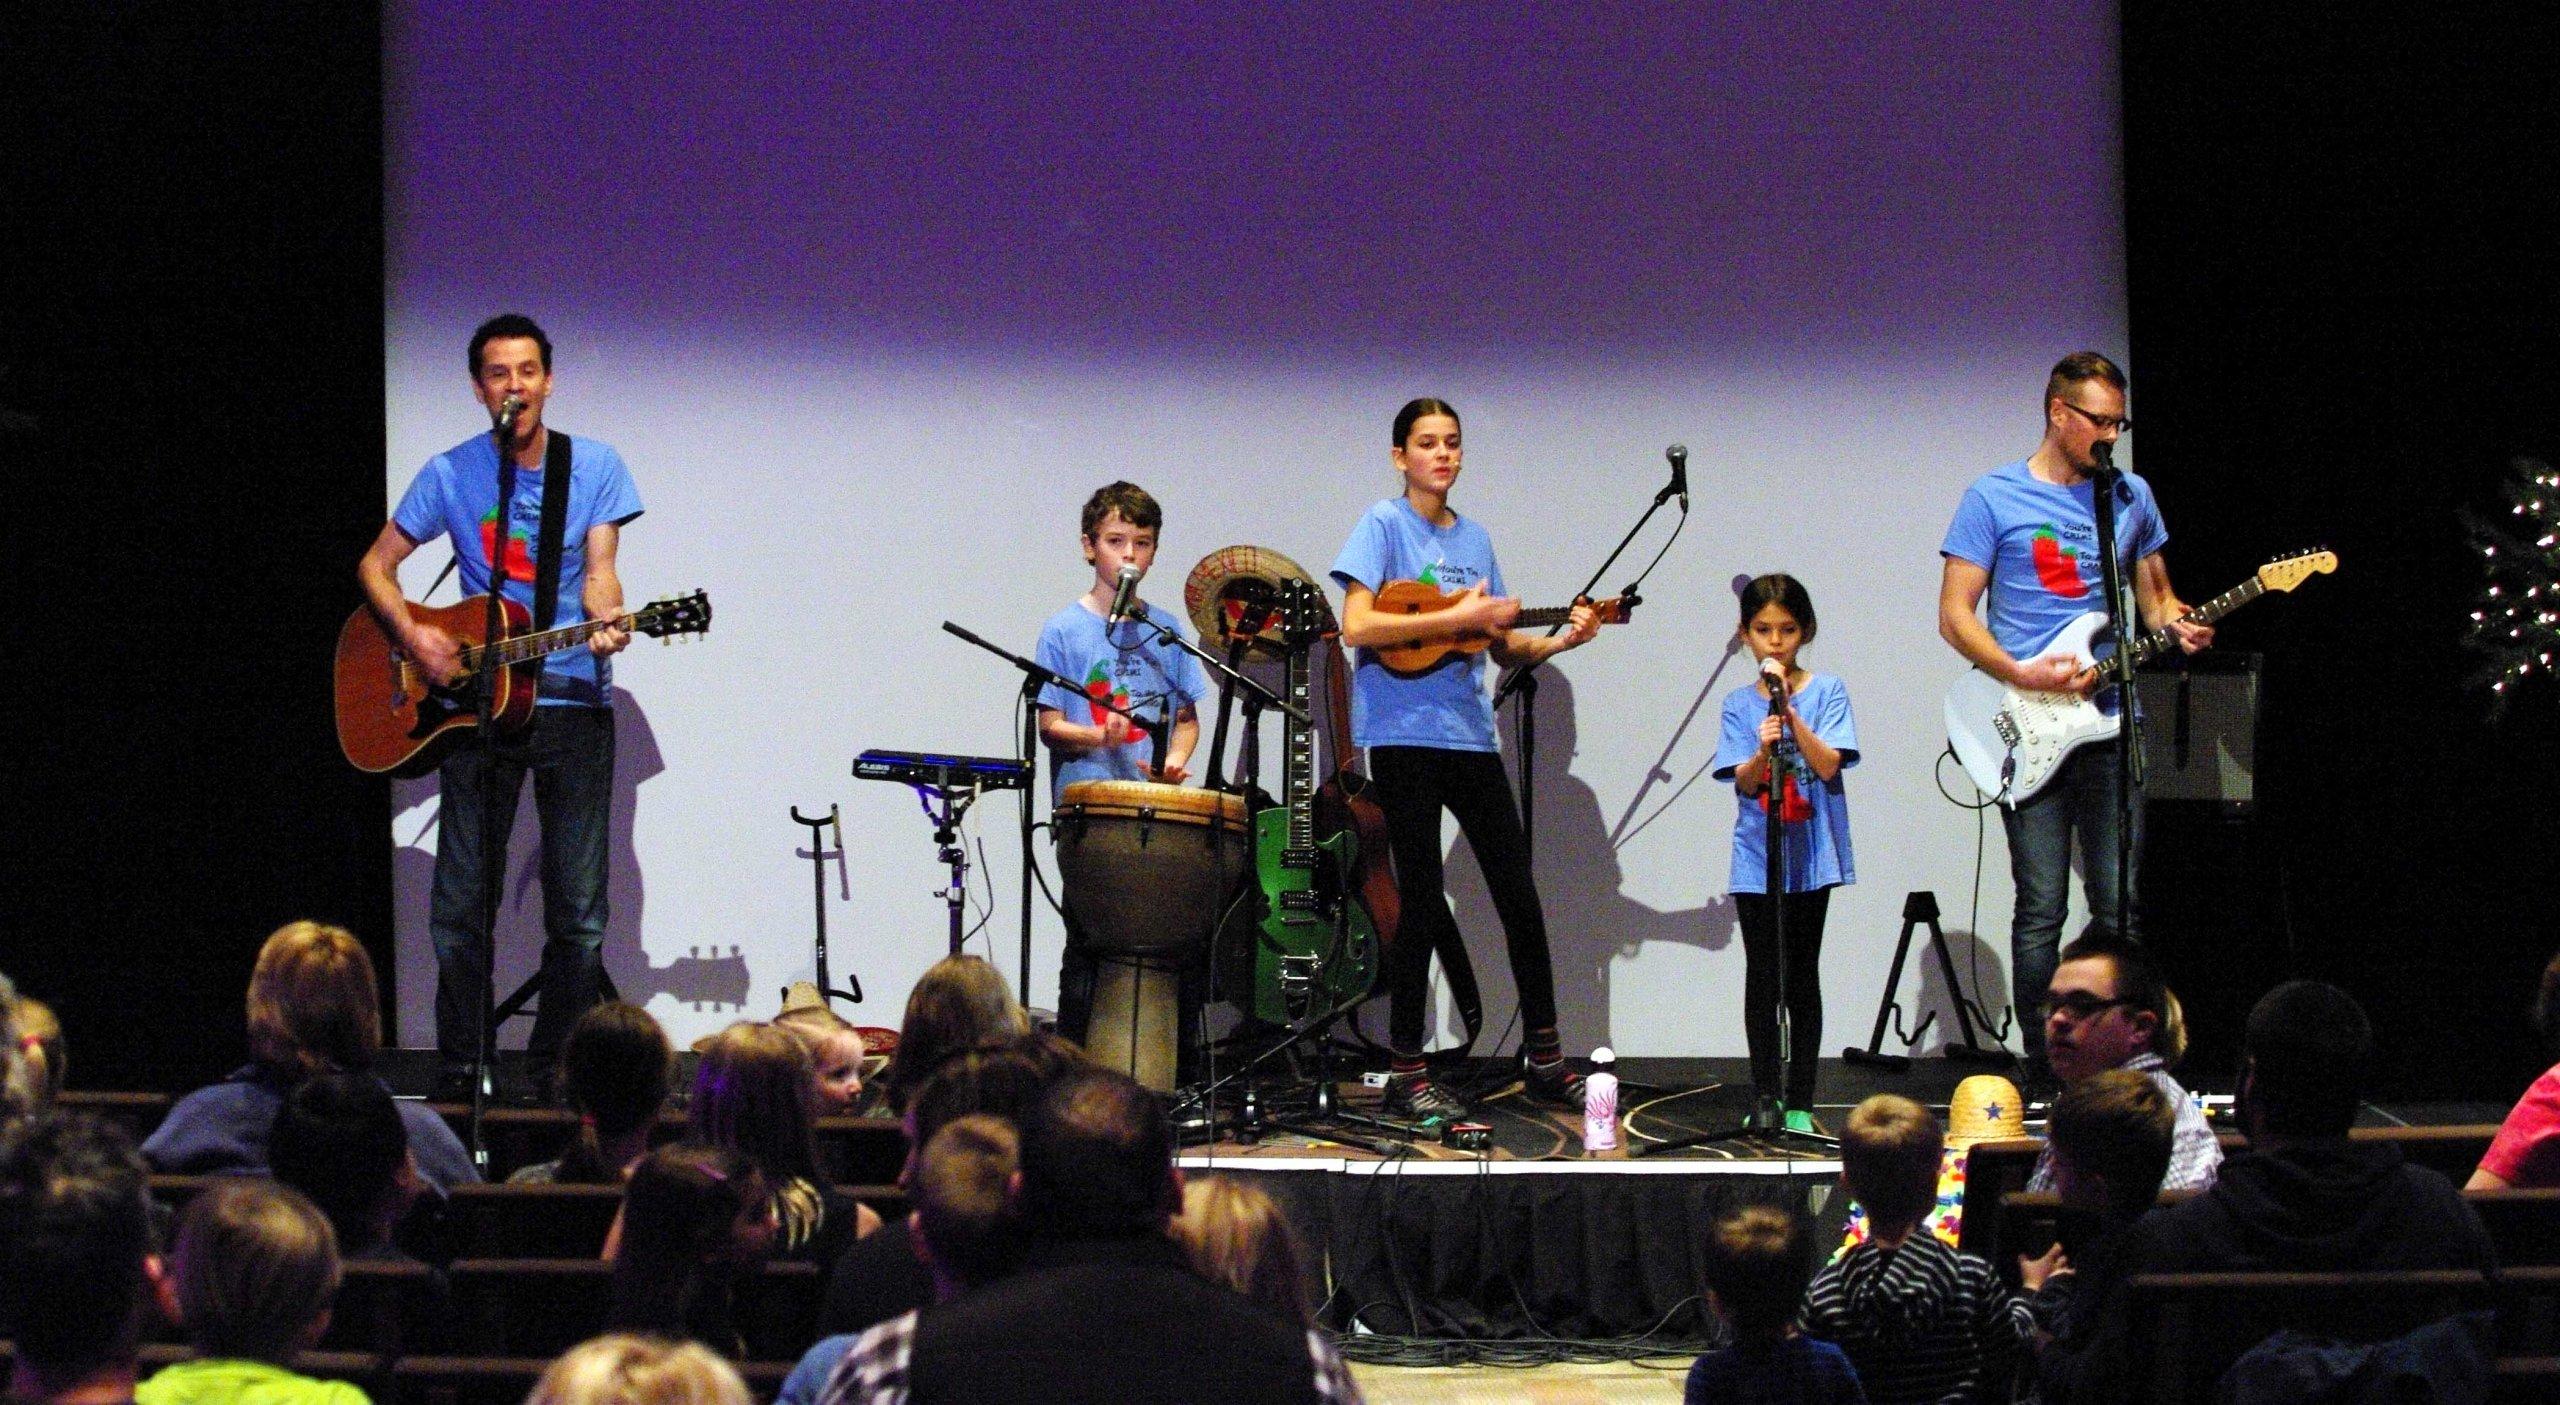 The Springmans family concert, kids music